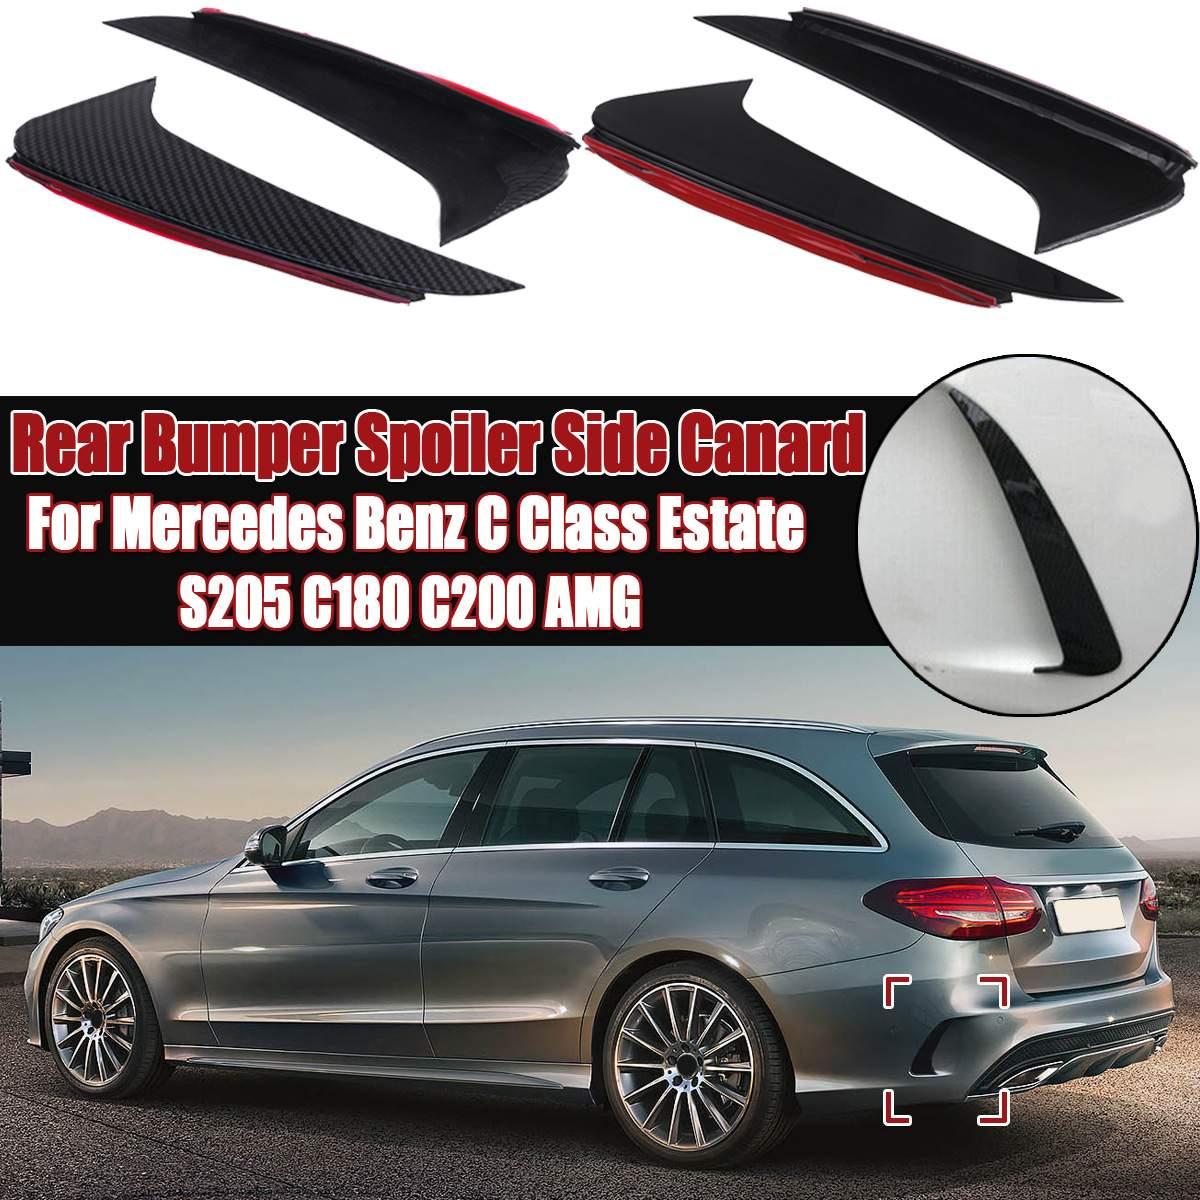 Левый Правый задний бампер, спойлер, боковая утка для Mercedes Benz класса C Estate S205 C180 C200 Для AMG, глянцевый черный/карбоновый вид